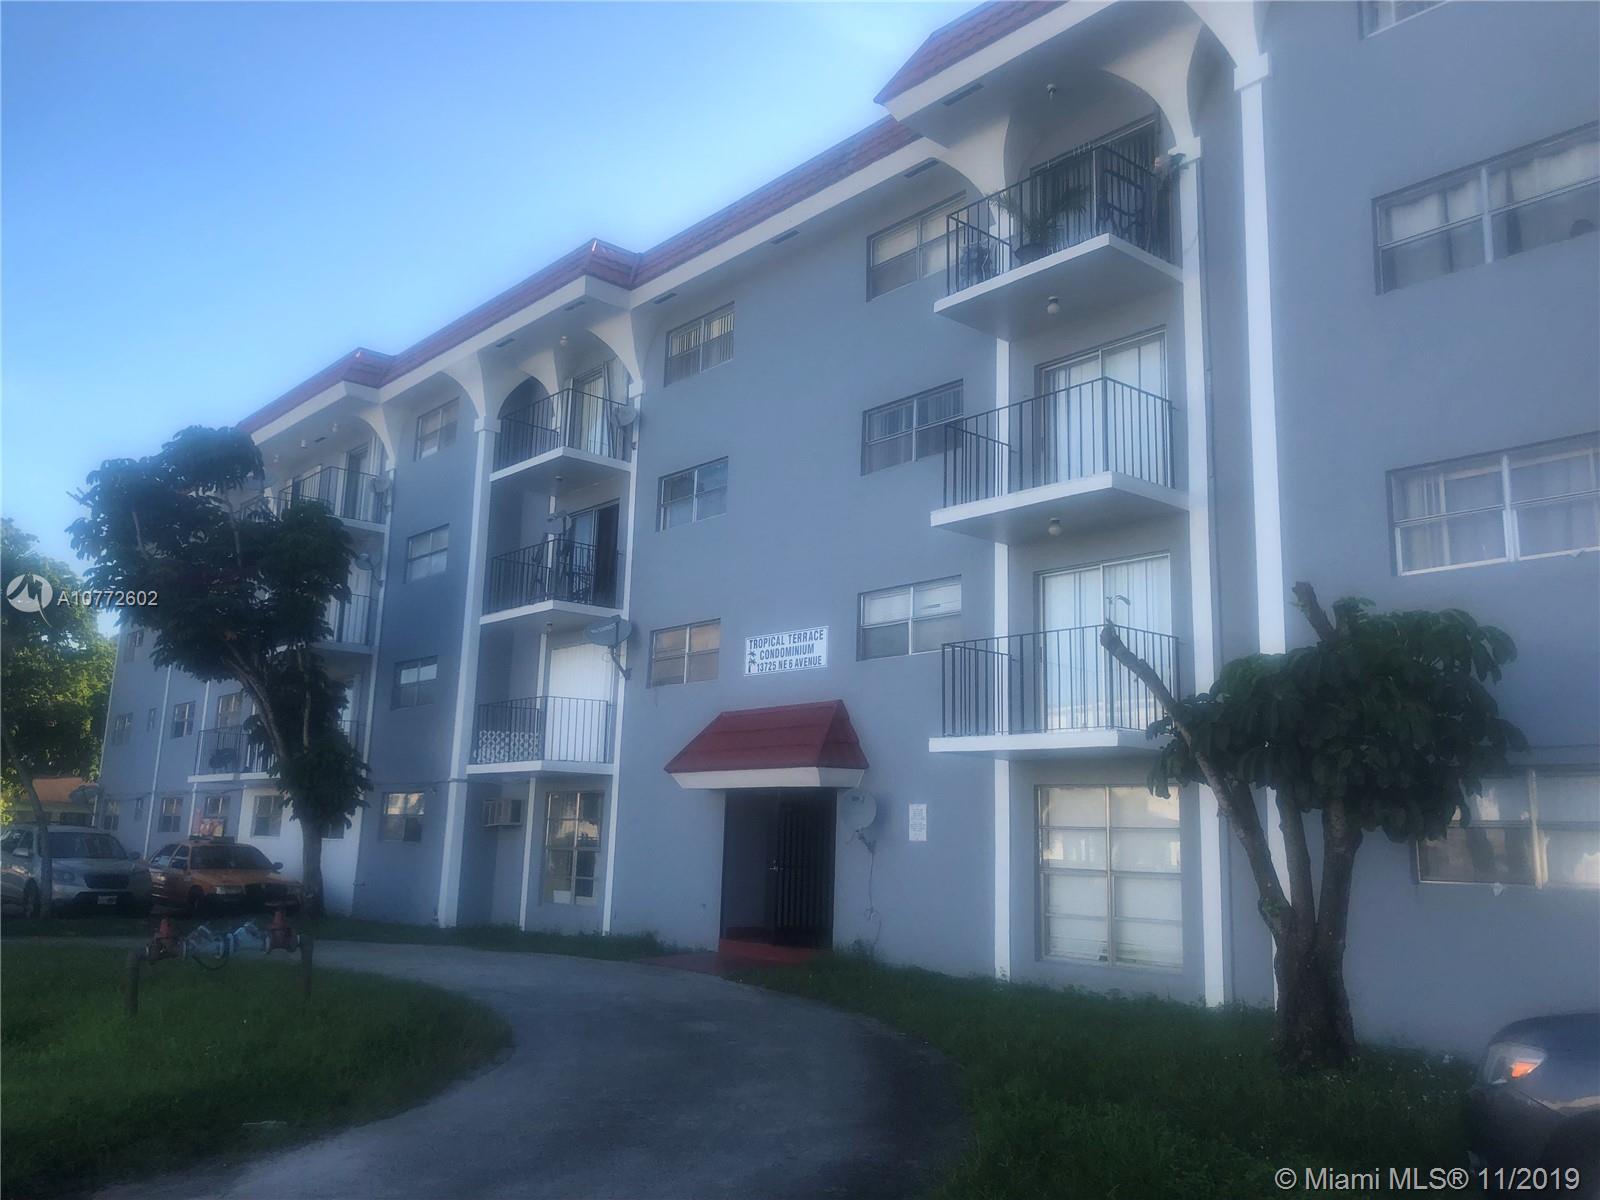 13725 NE 6th Ave #203 For Sale A10772602, FL